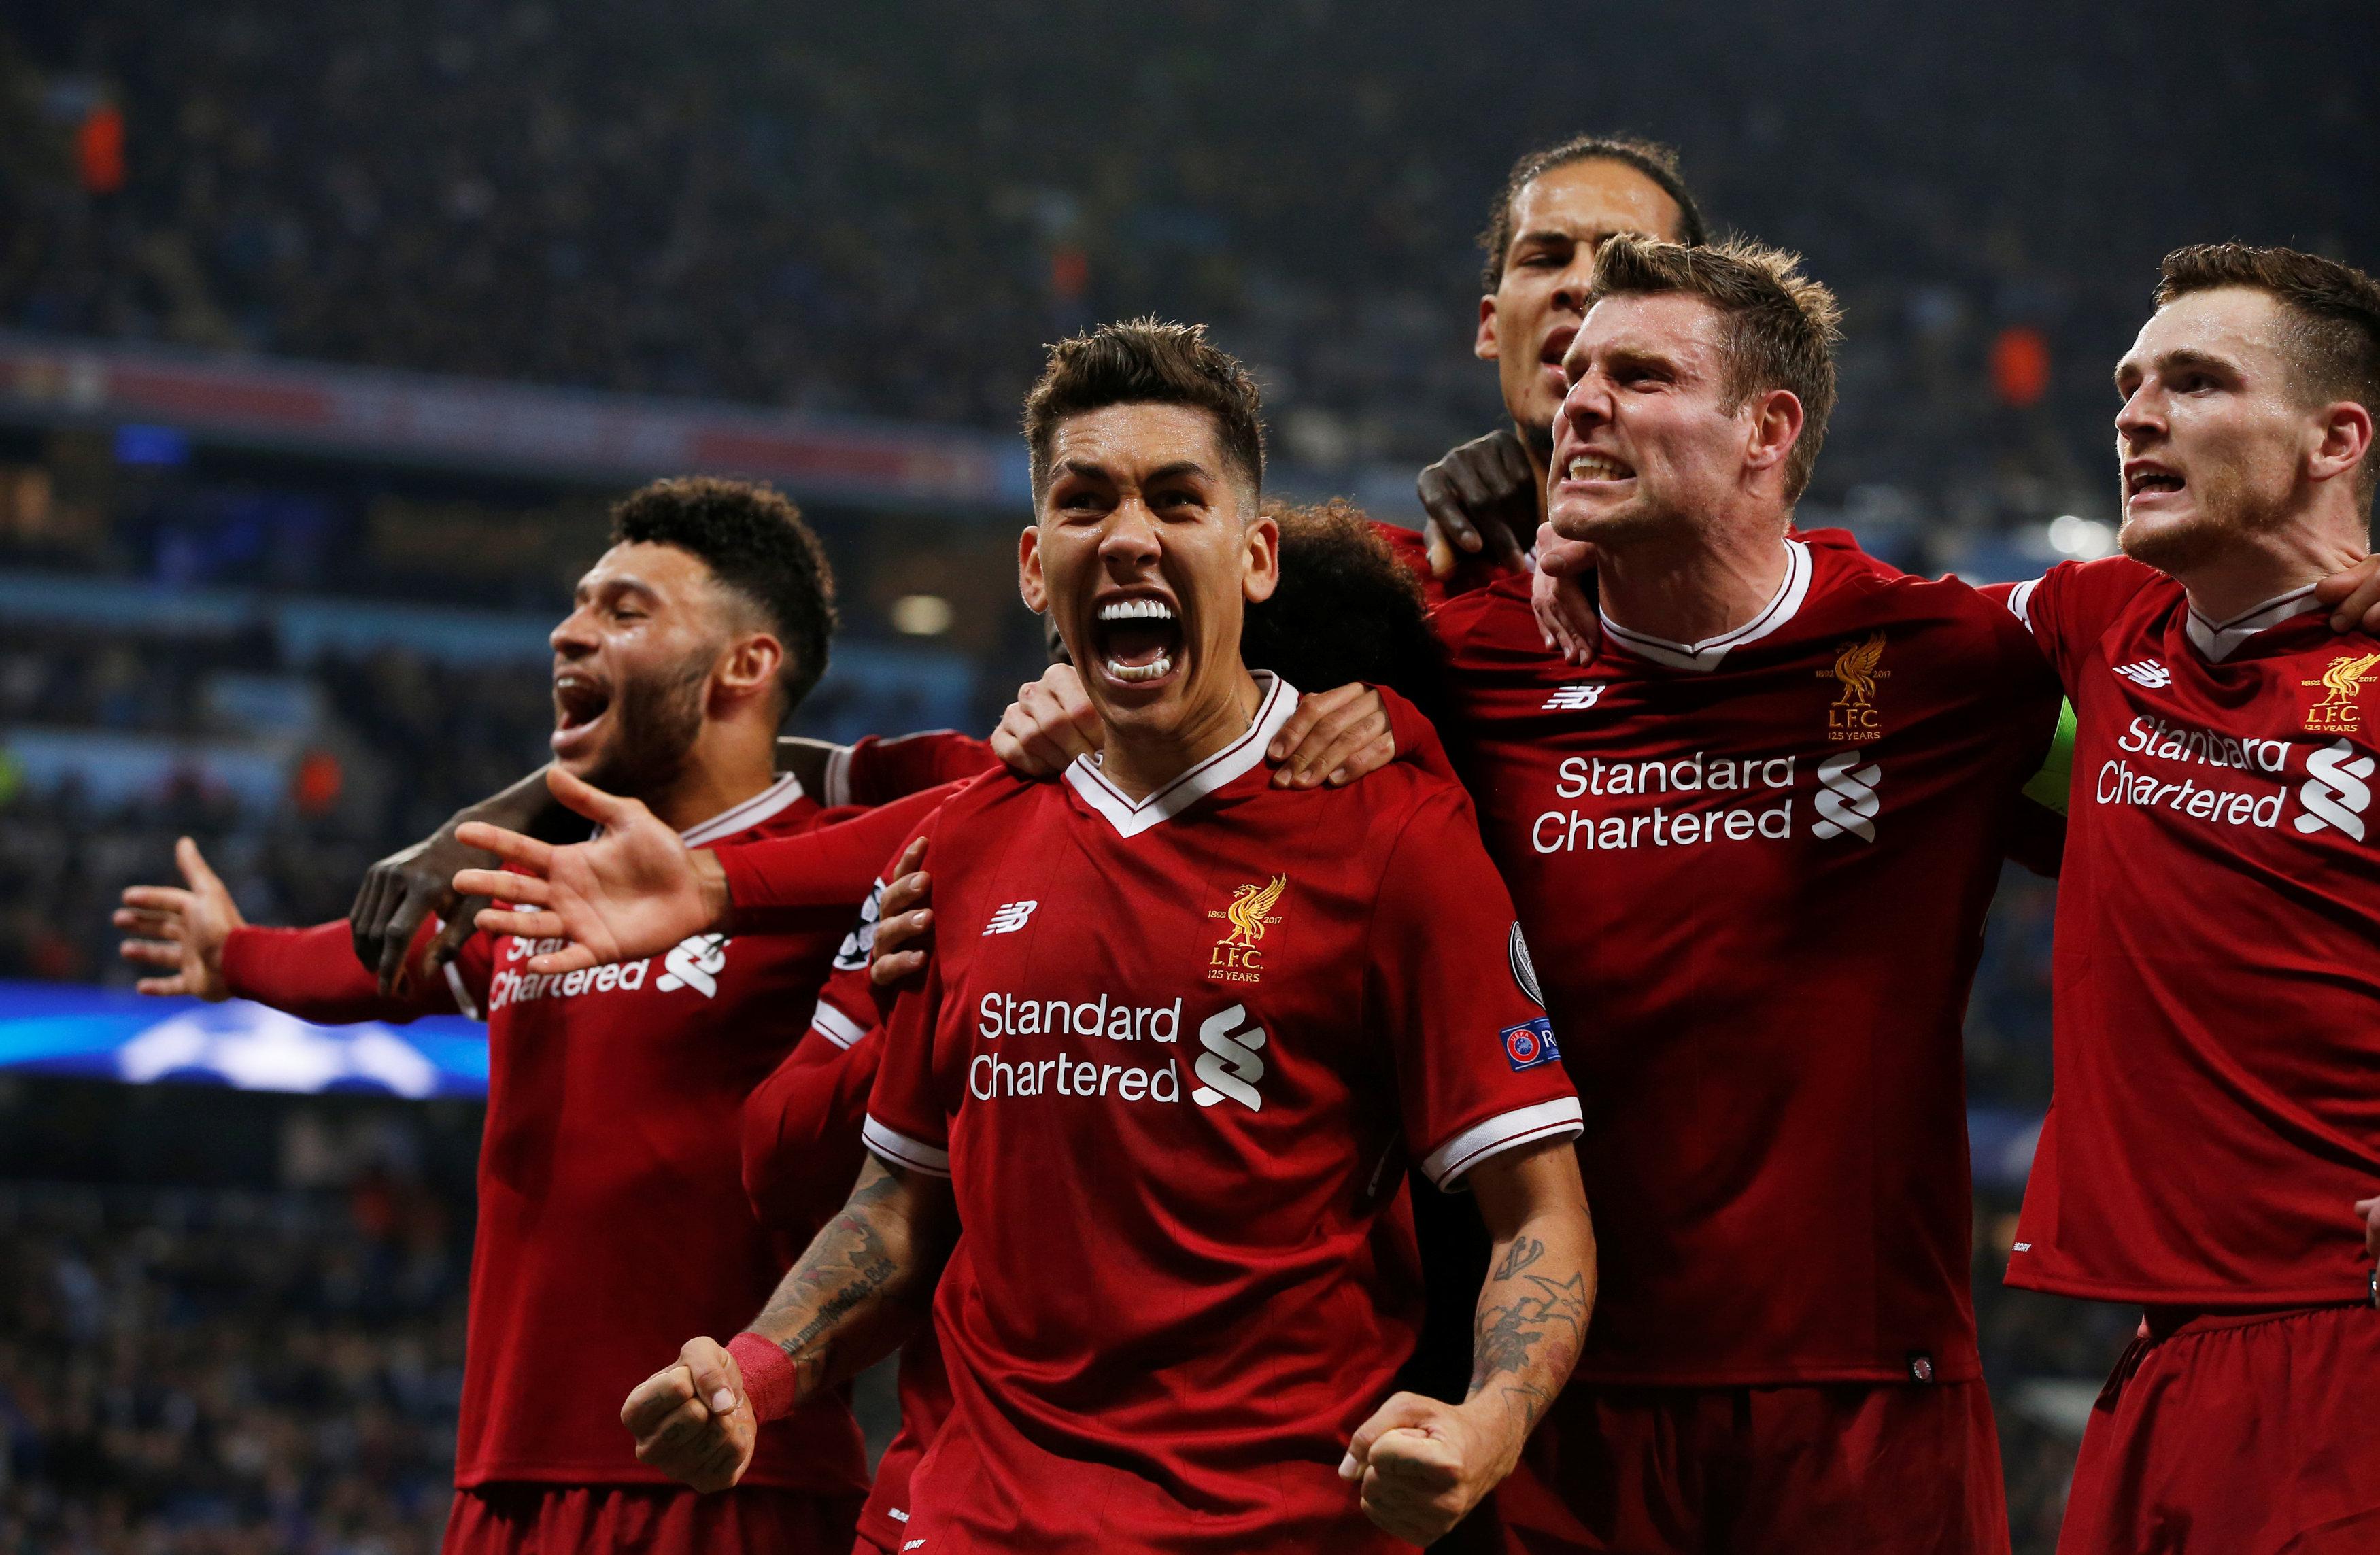 Niềm vui của các cầu thủ Liverpool sau khi Firmino nâng tỉ số lên 2-1. Ảnh: REUTERS